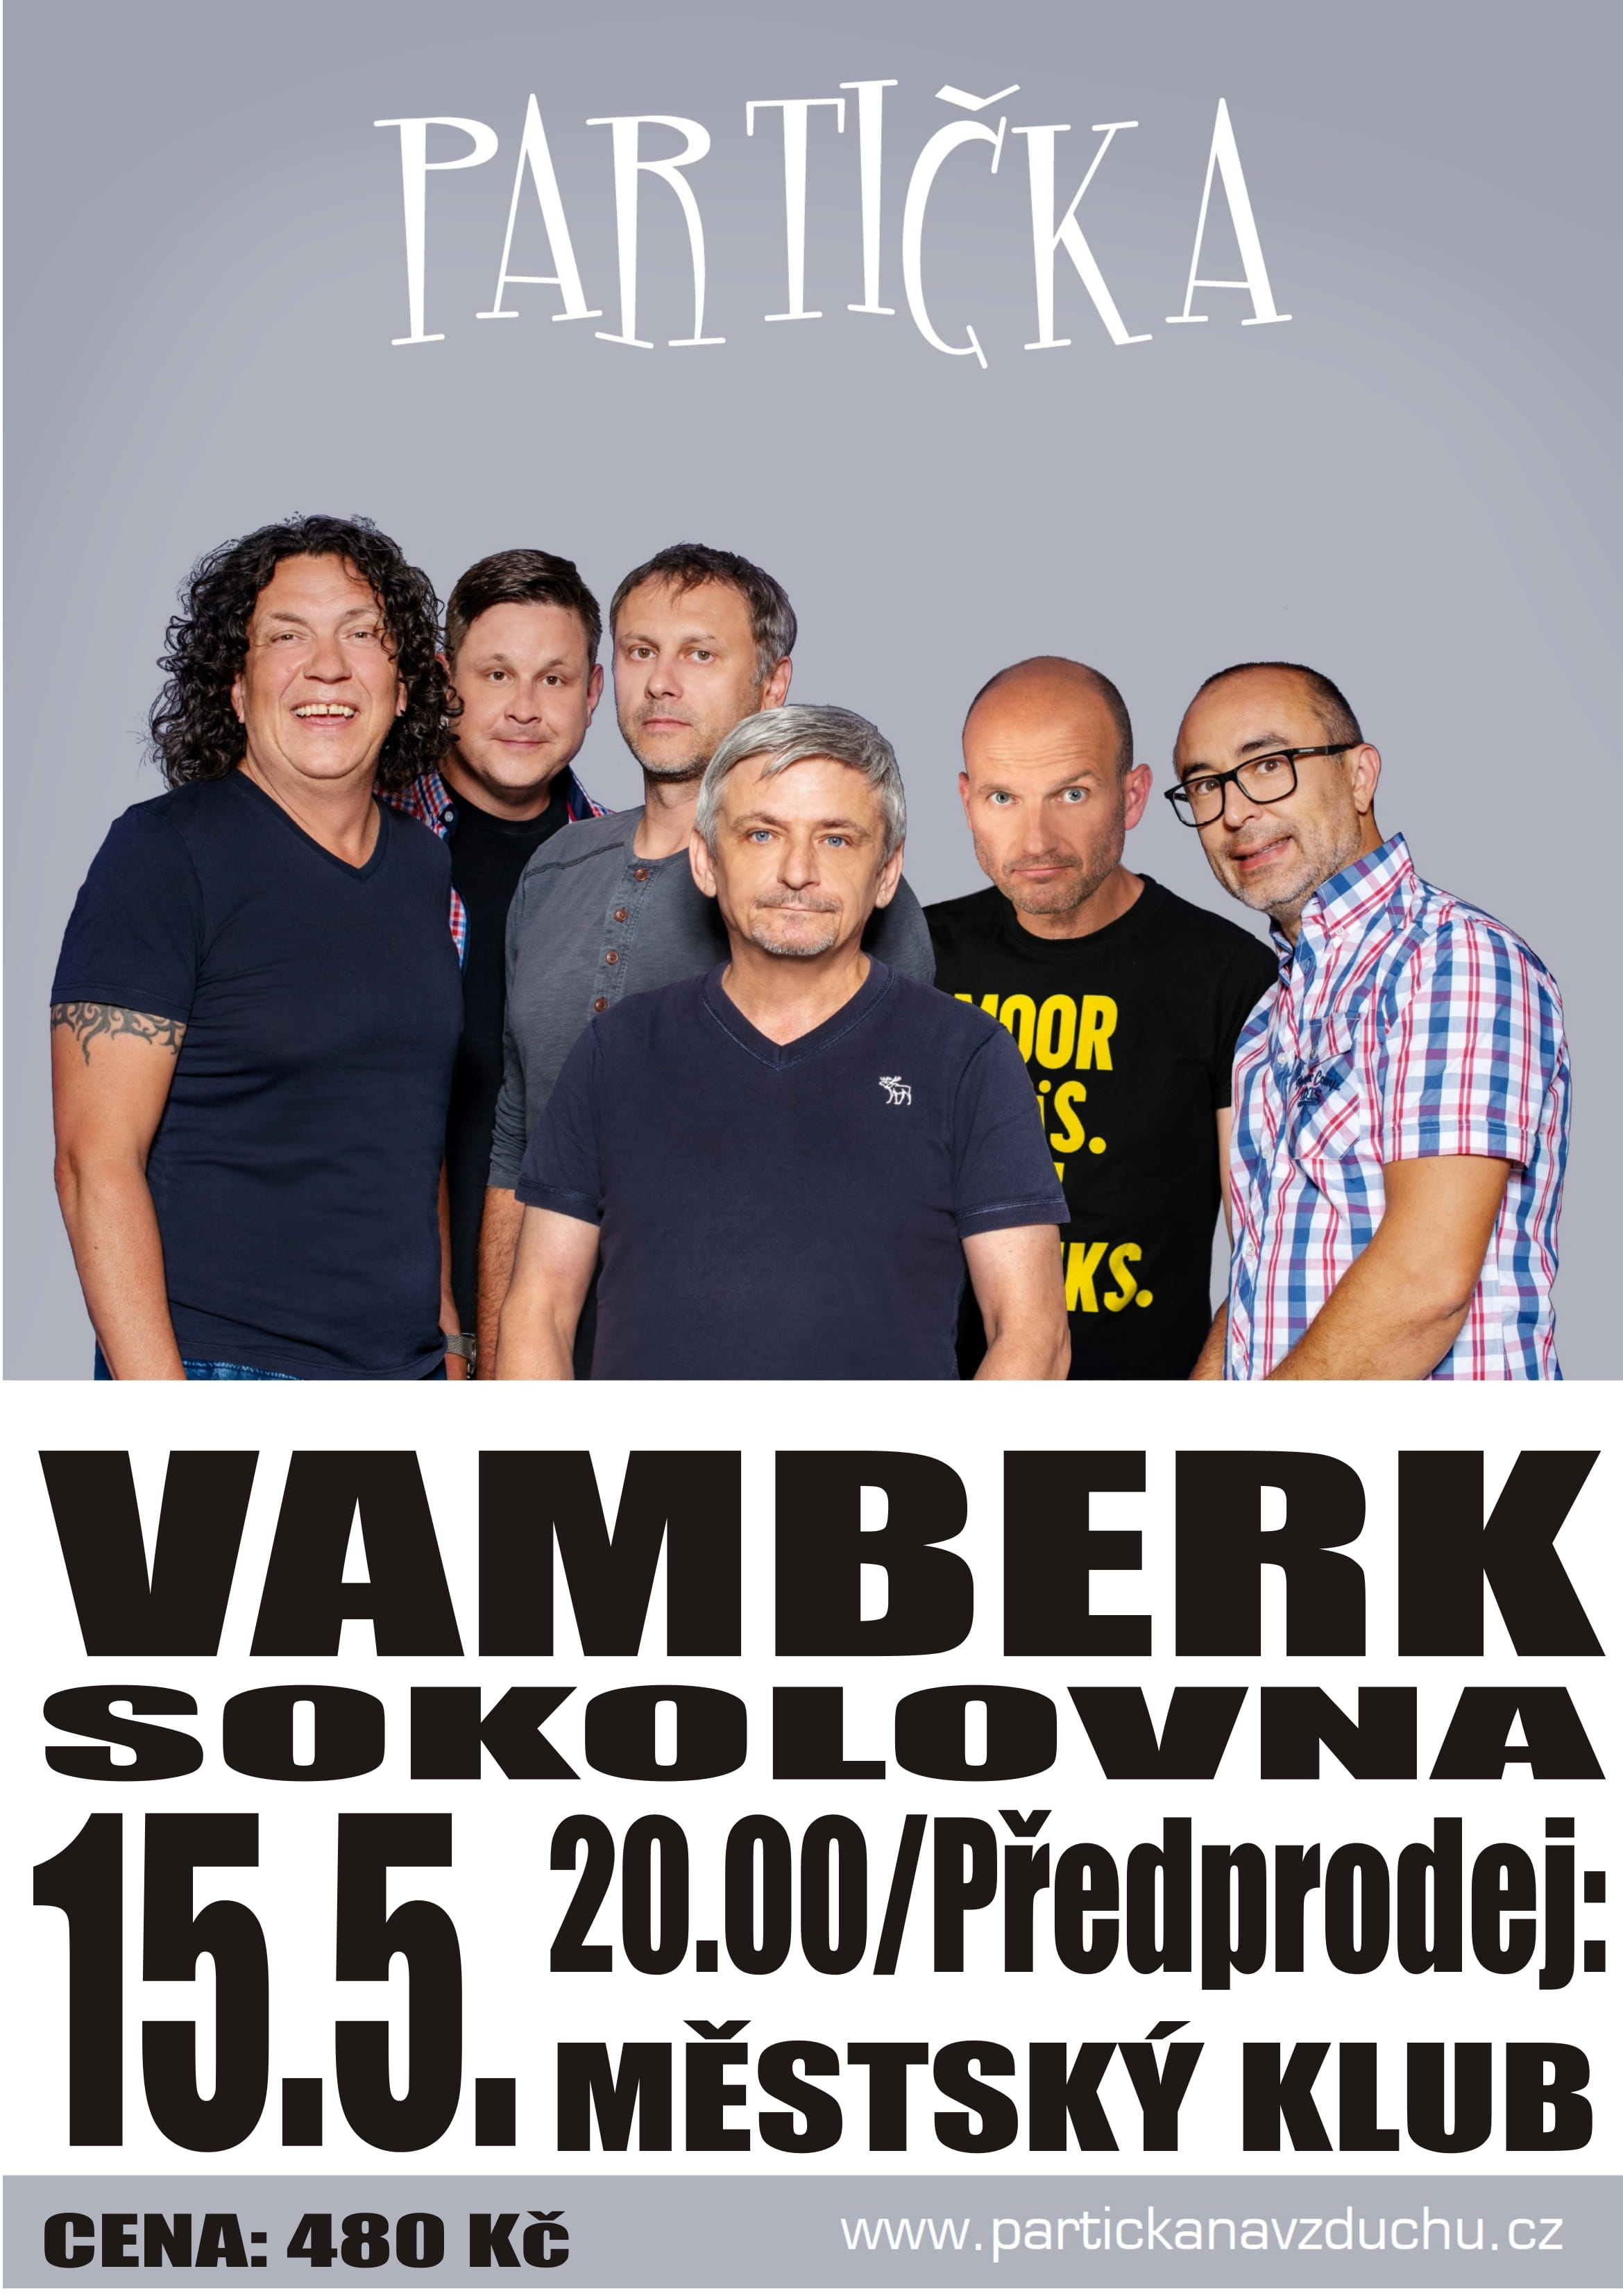 PartickaVamberk-1